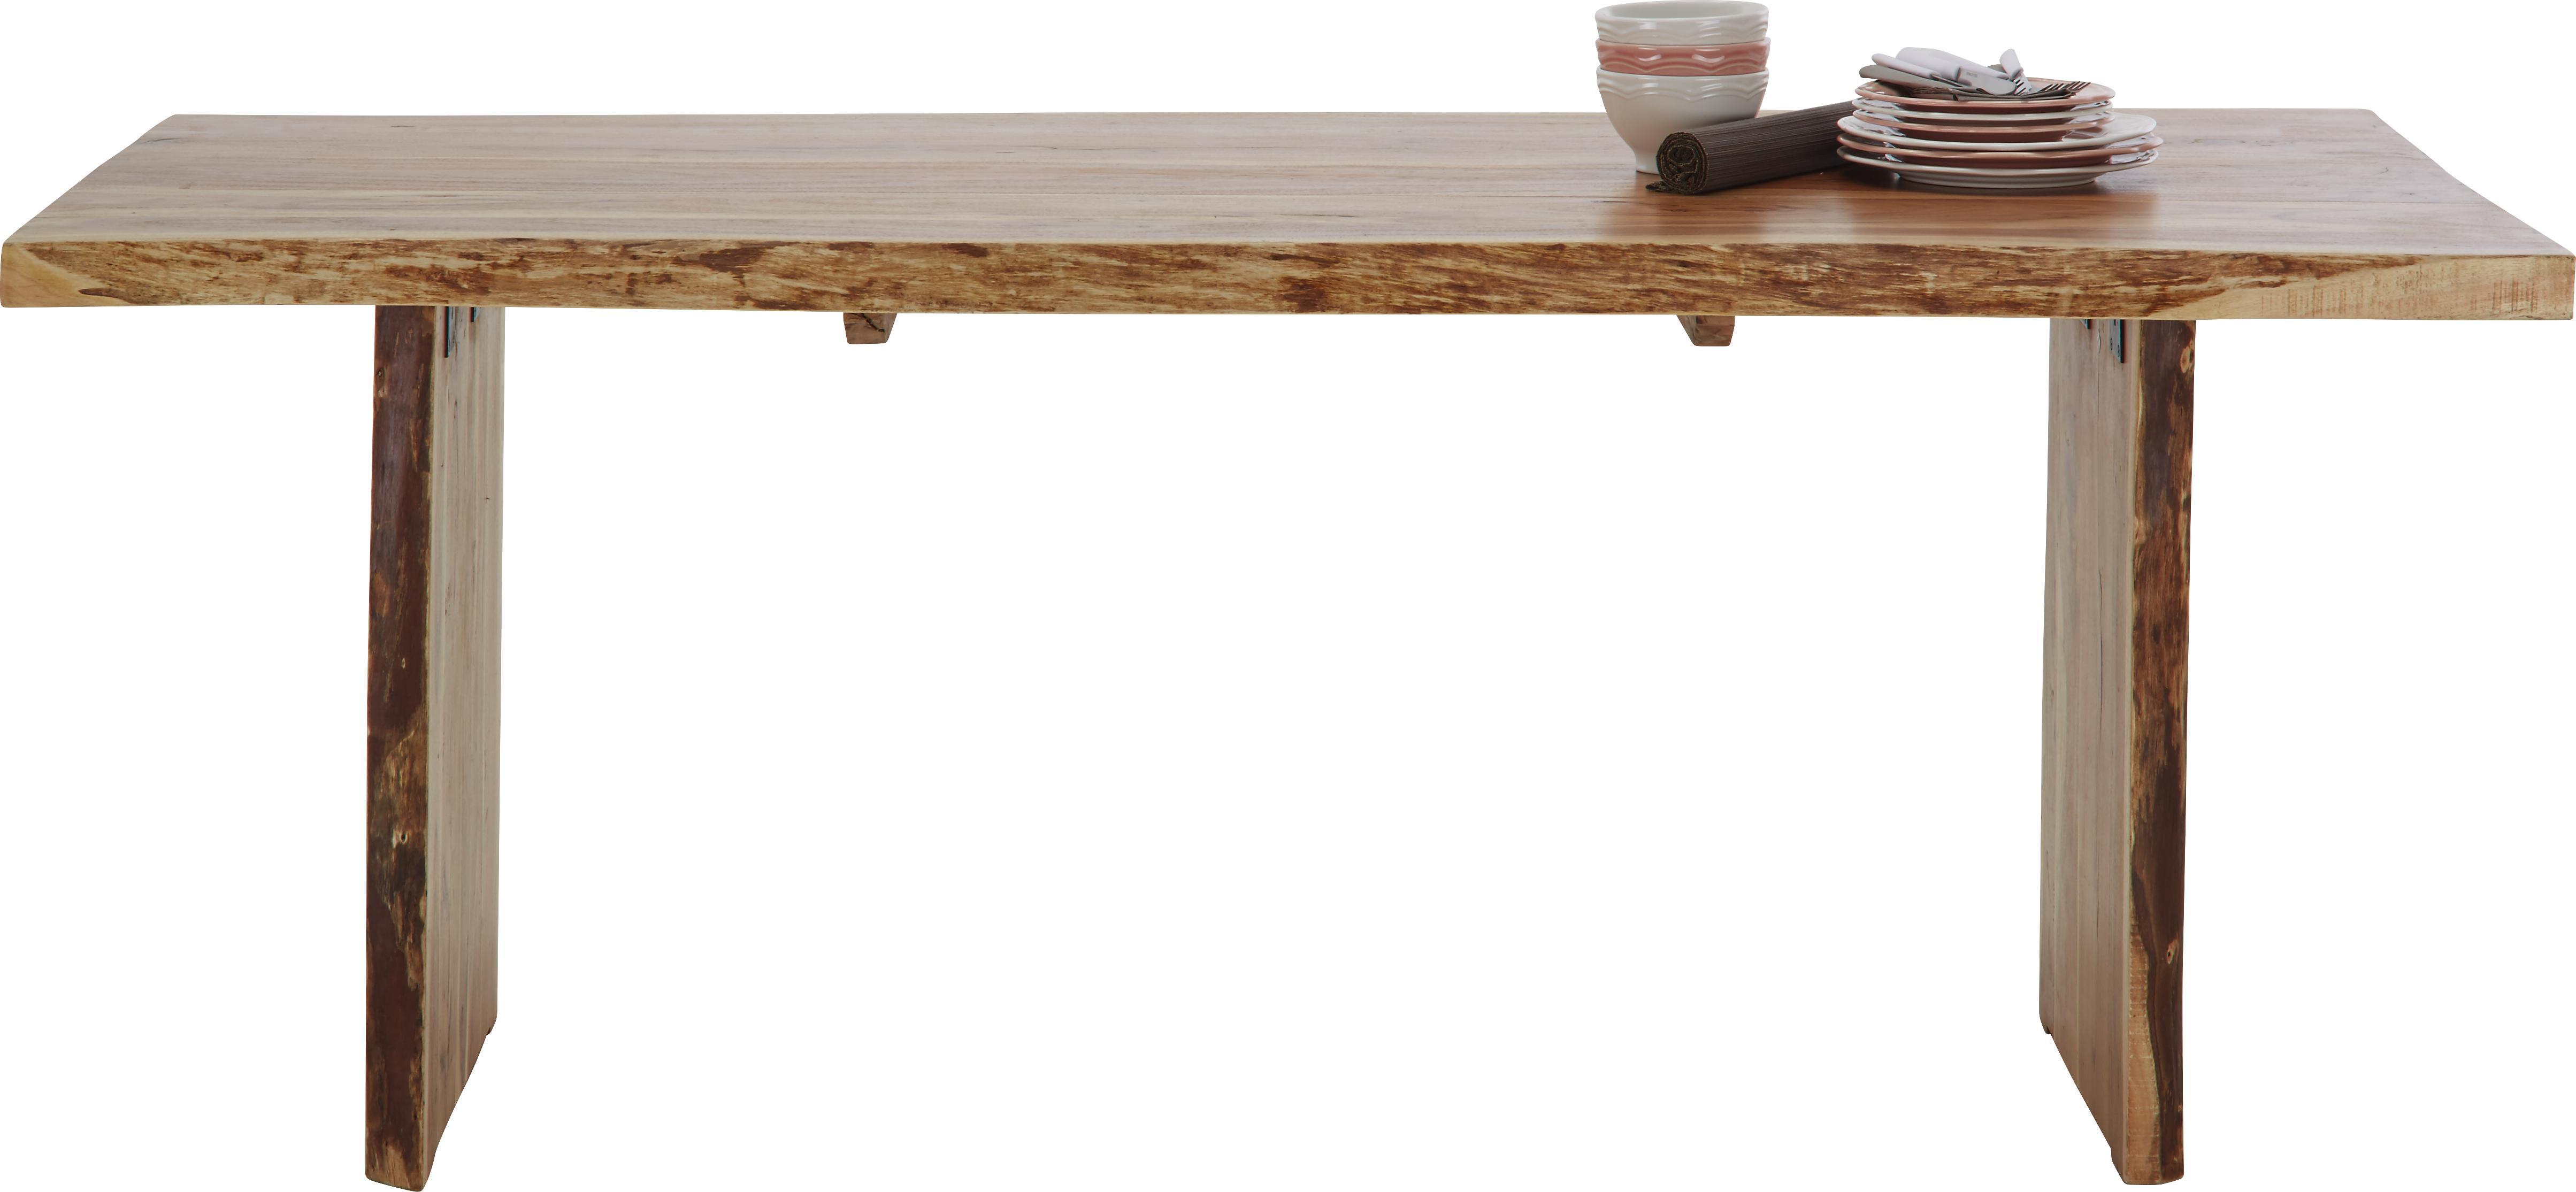 Esstisch Akazienfarben Holz online kaufen ➤ mömax